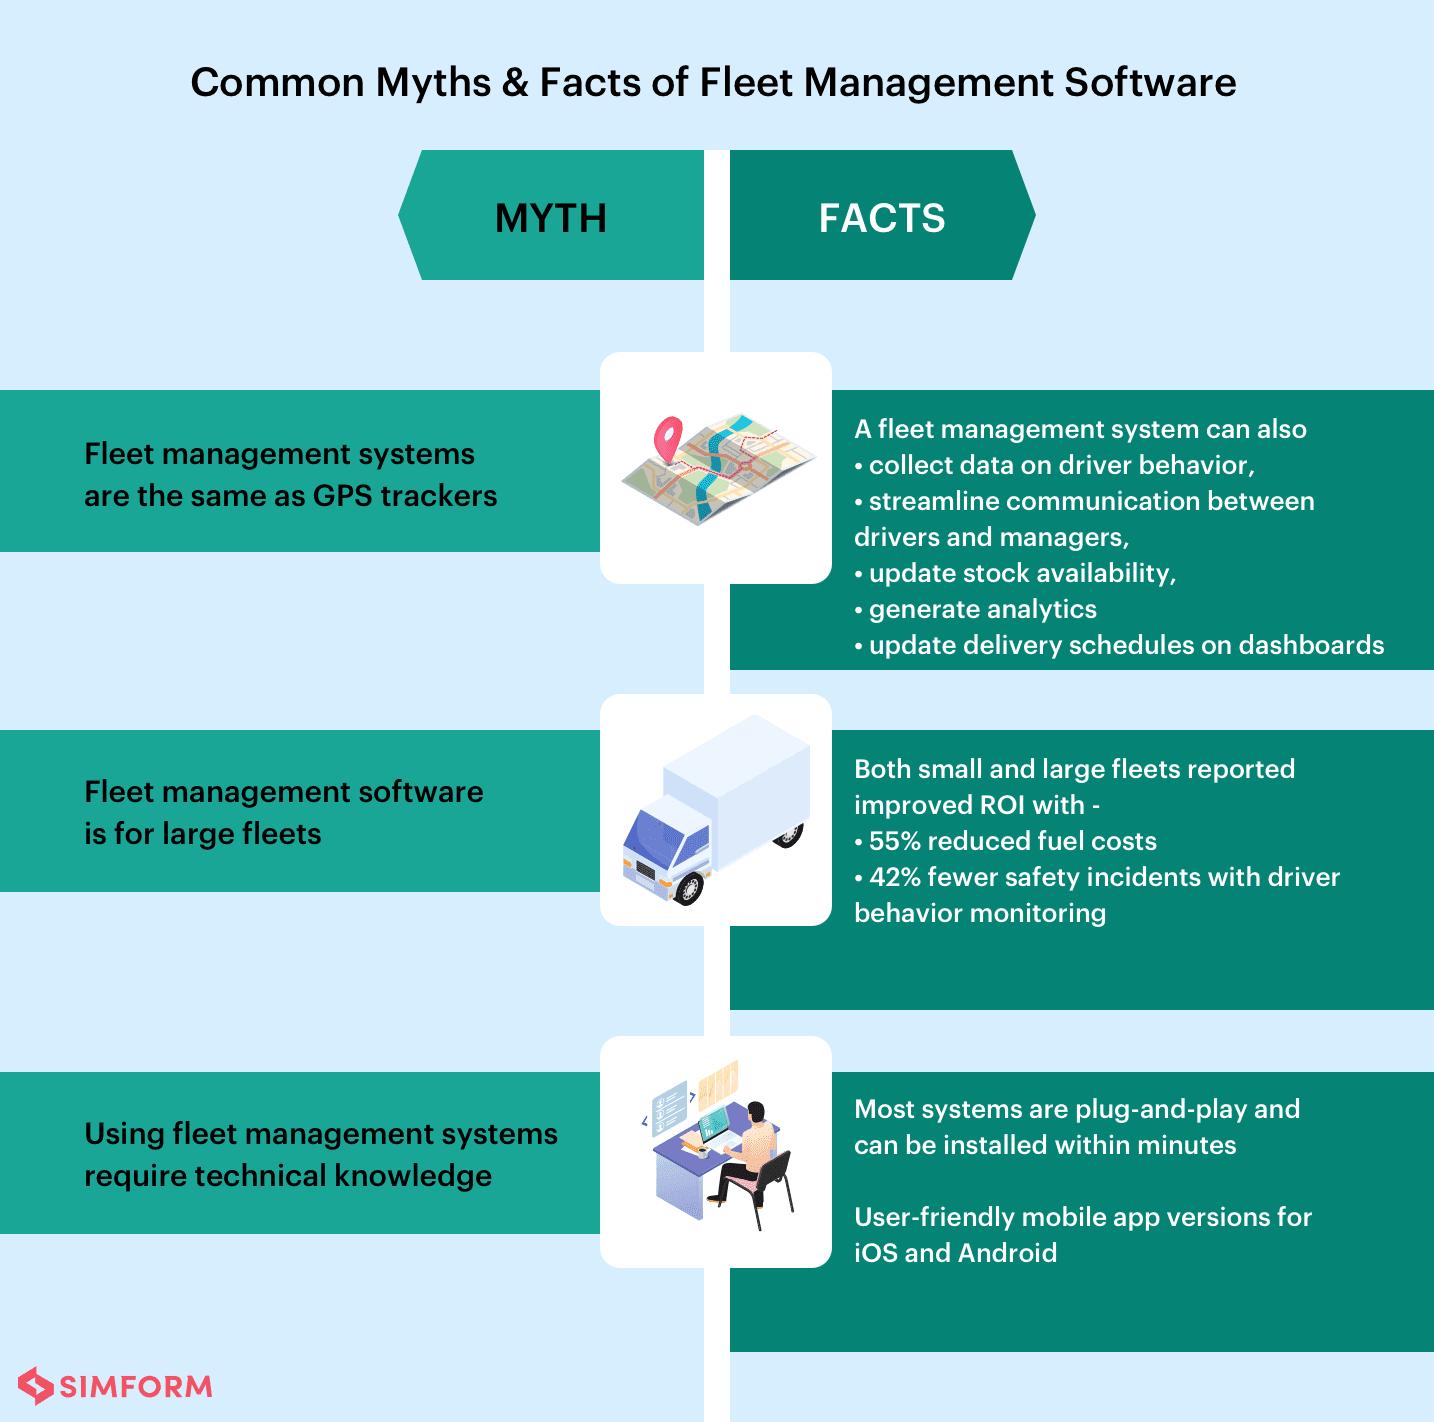 Myths & Facts of fleet management software